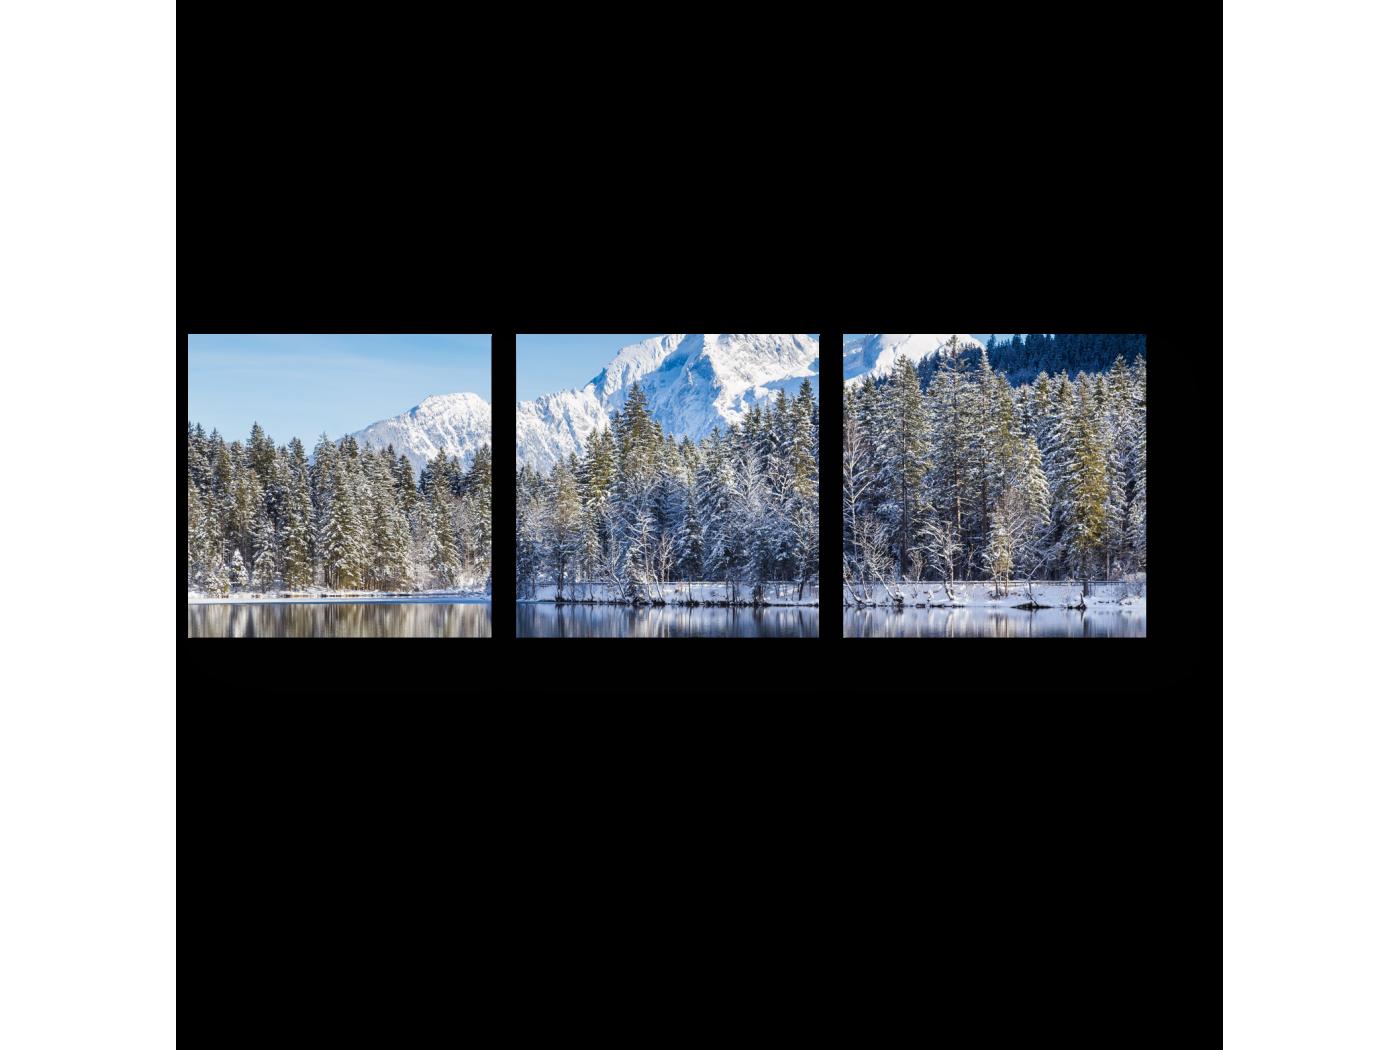 Модульная картина Красота горного озера (60x20) фото